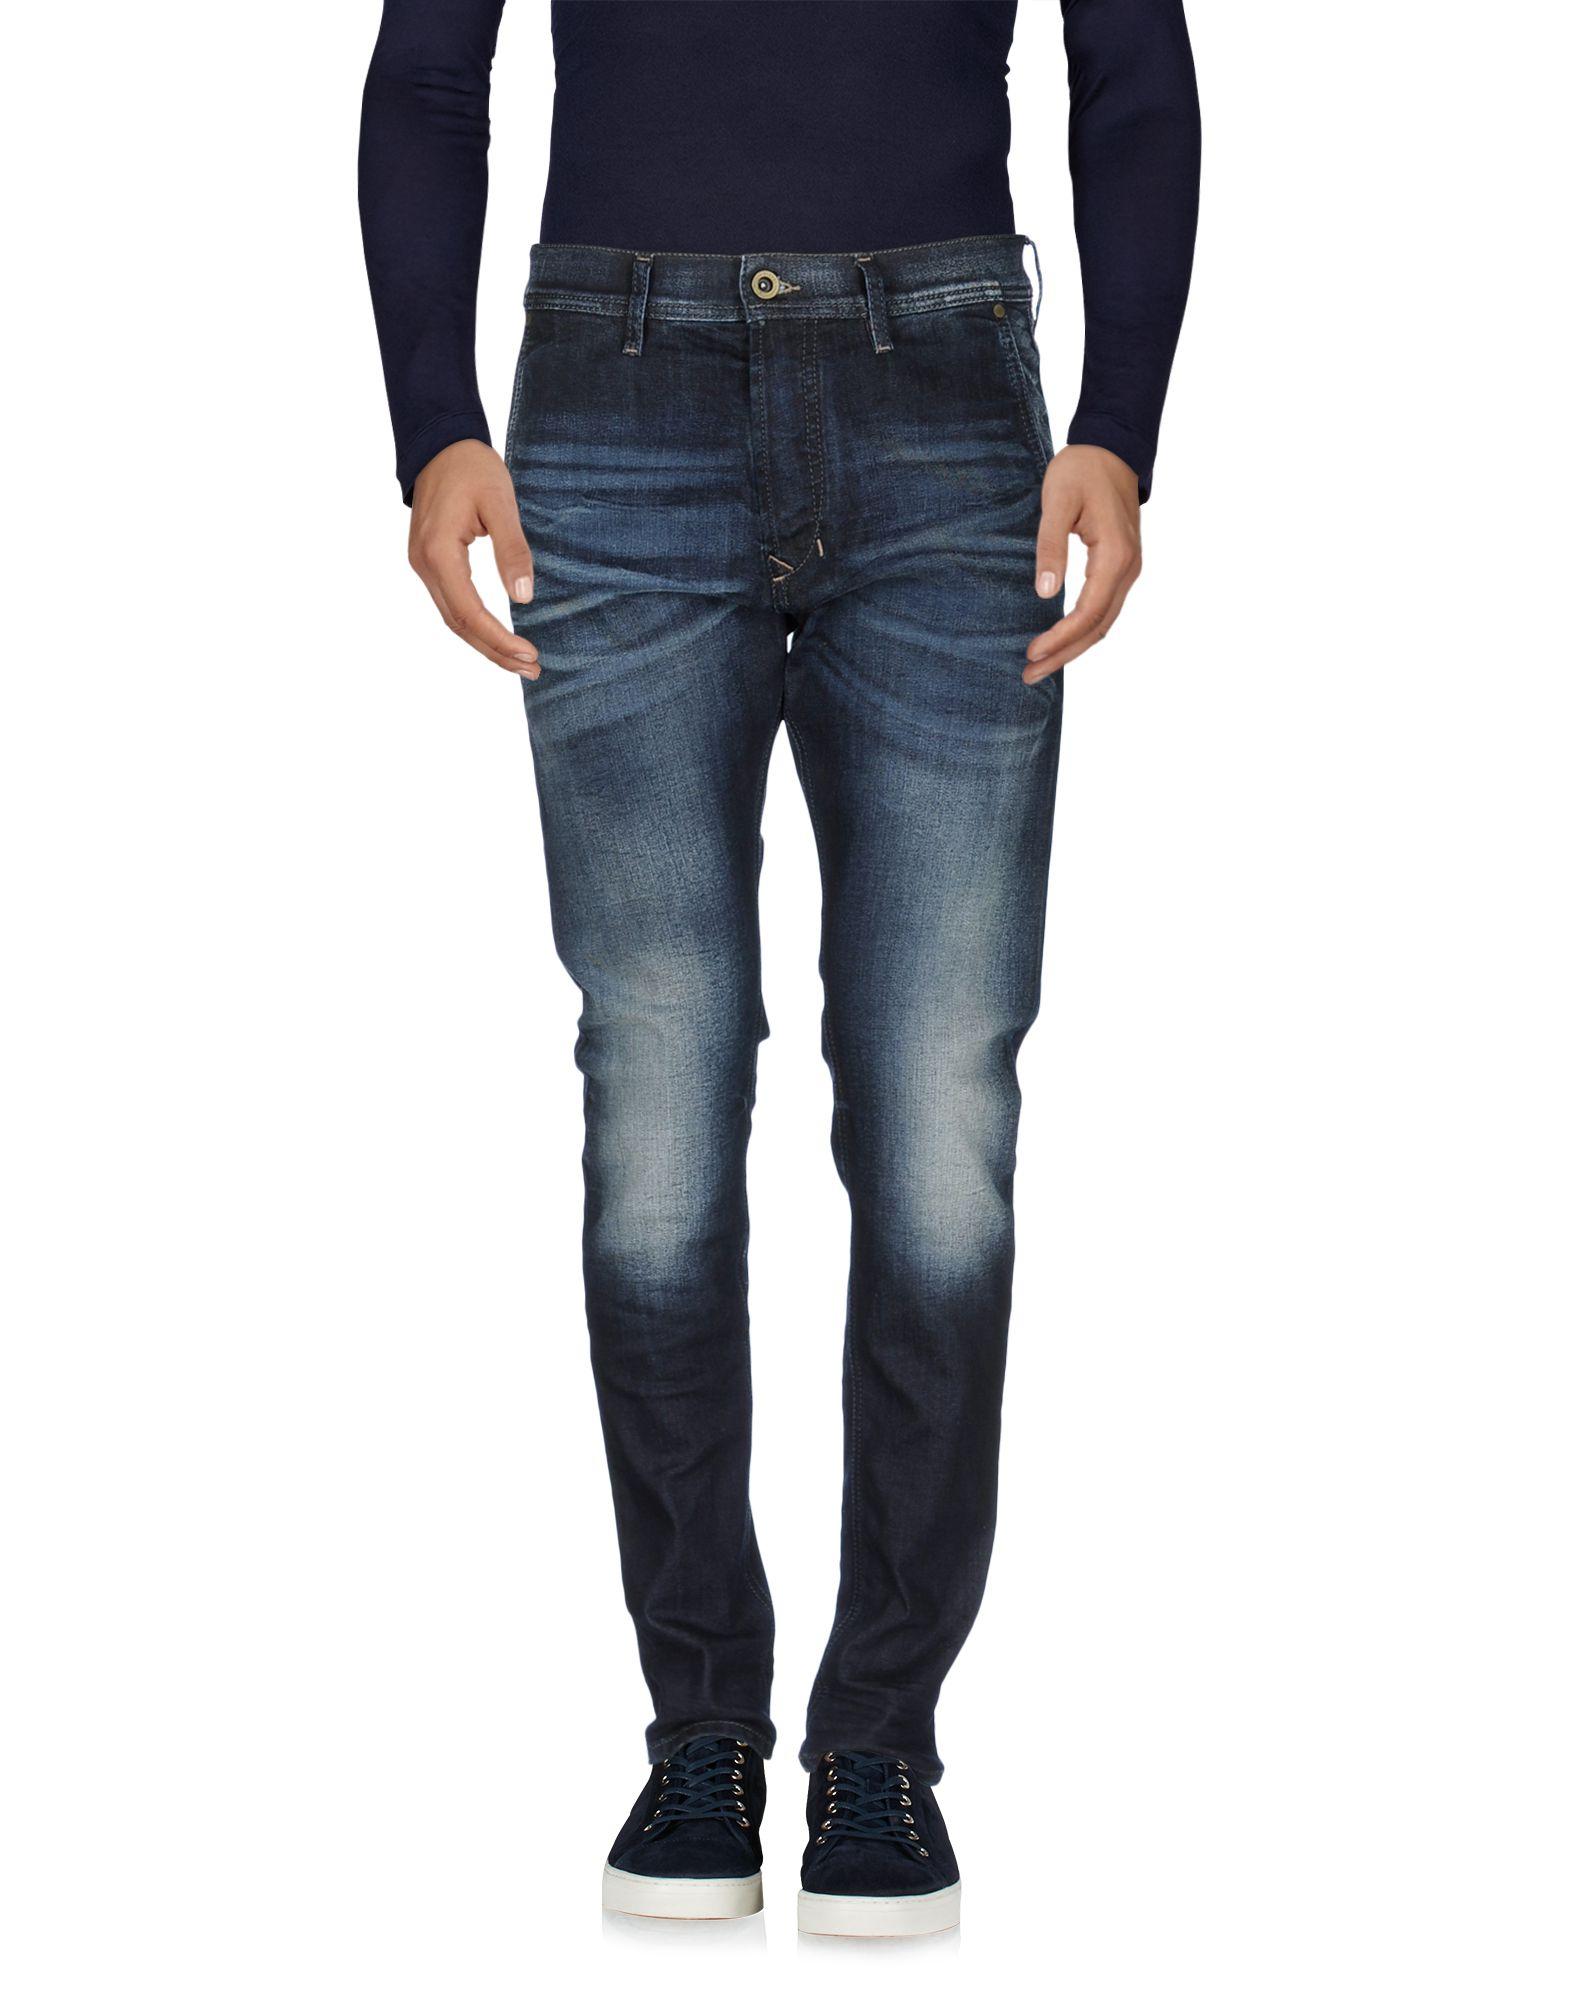 Pantaloni Jeans Diesel Uomo - 42606542AL 42606542AL - e4cdcb